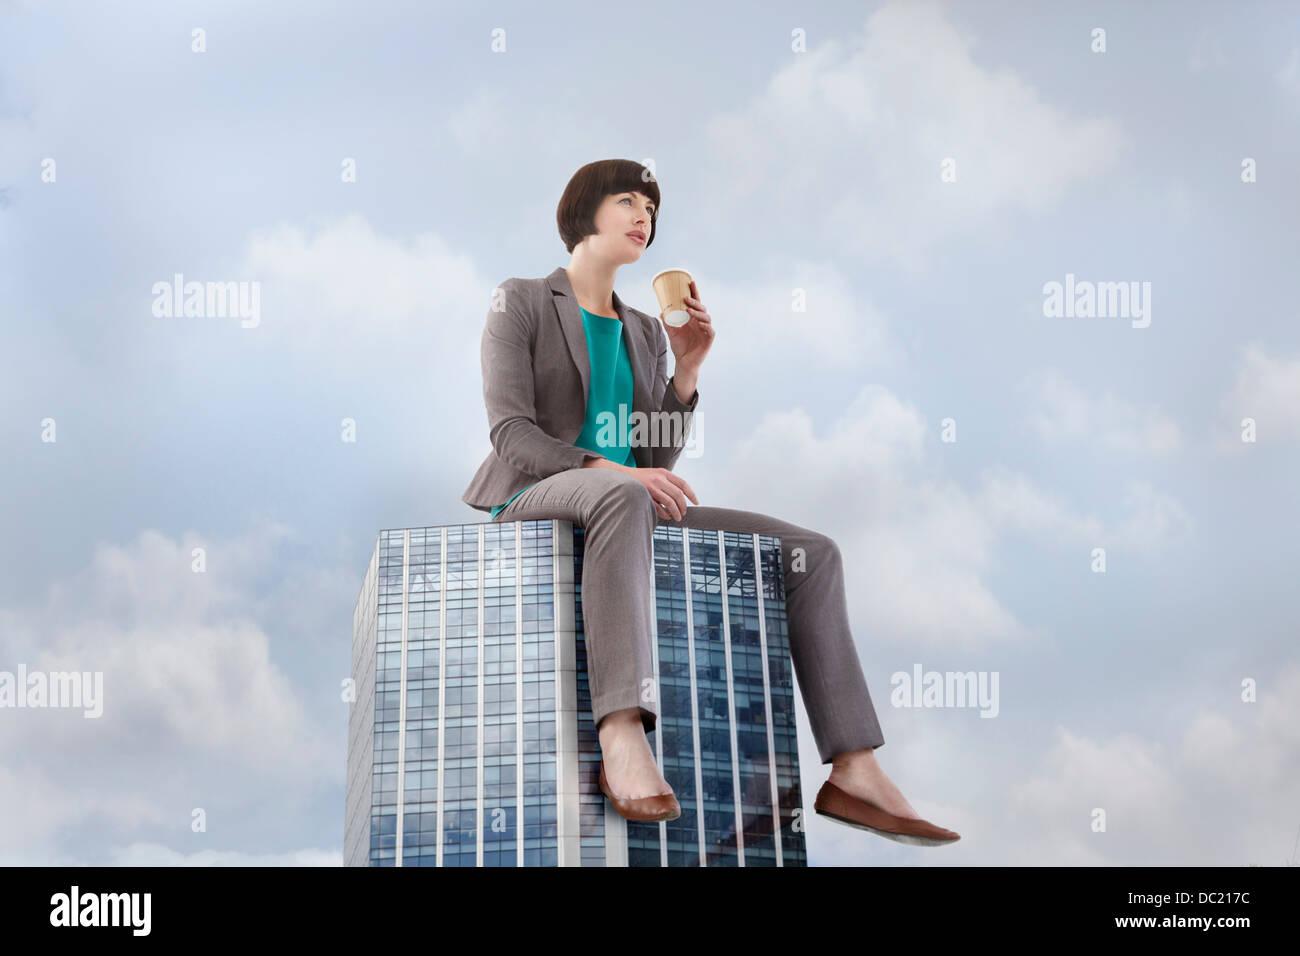 Oversized imprenditrice seduta sul grattacielo a basso angolo di visione Immagini Stock